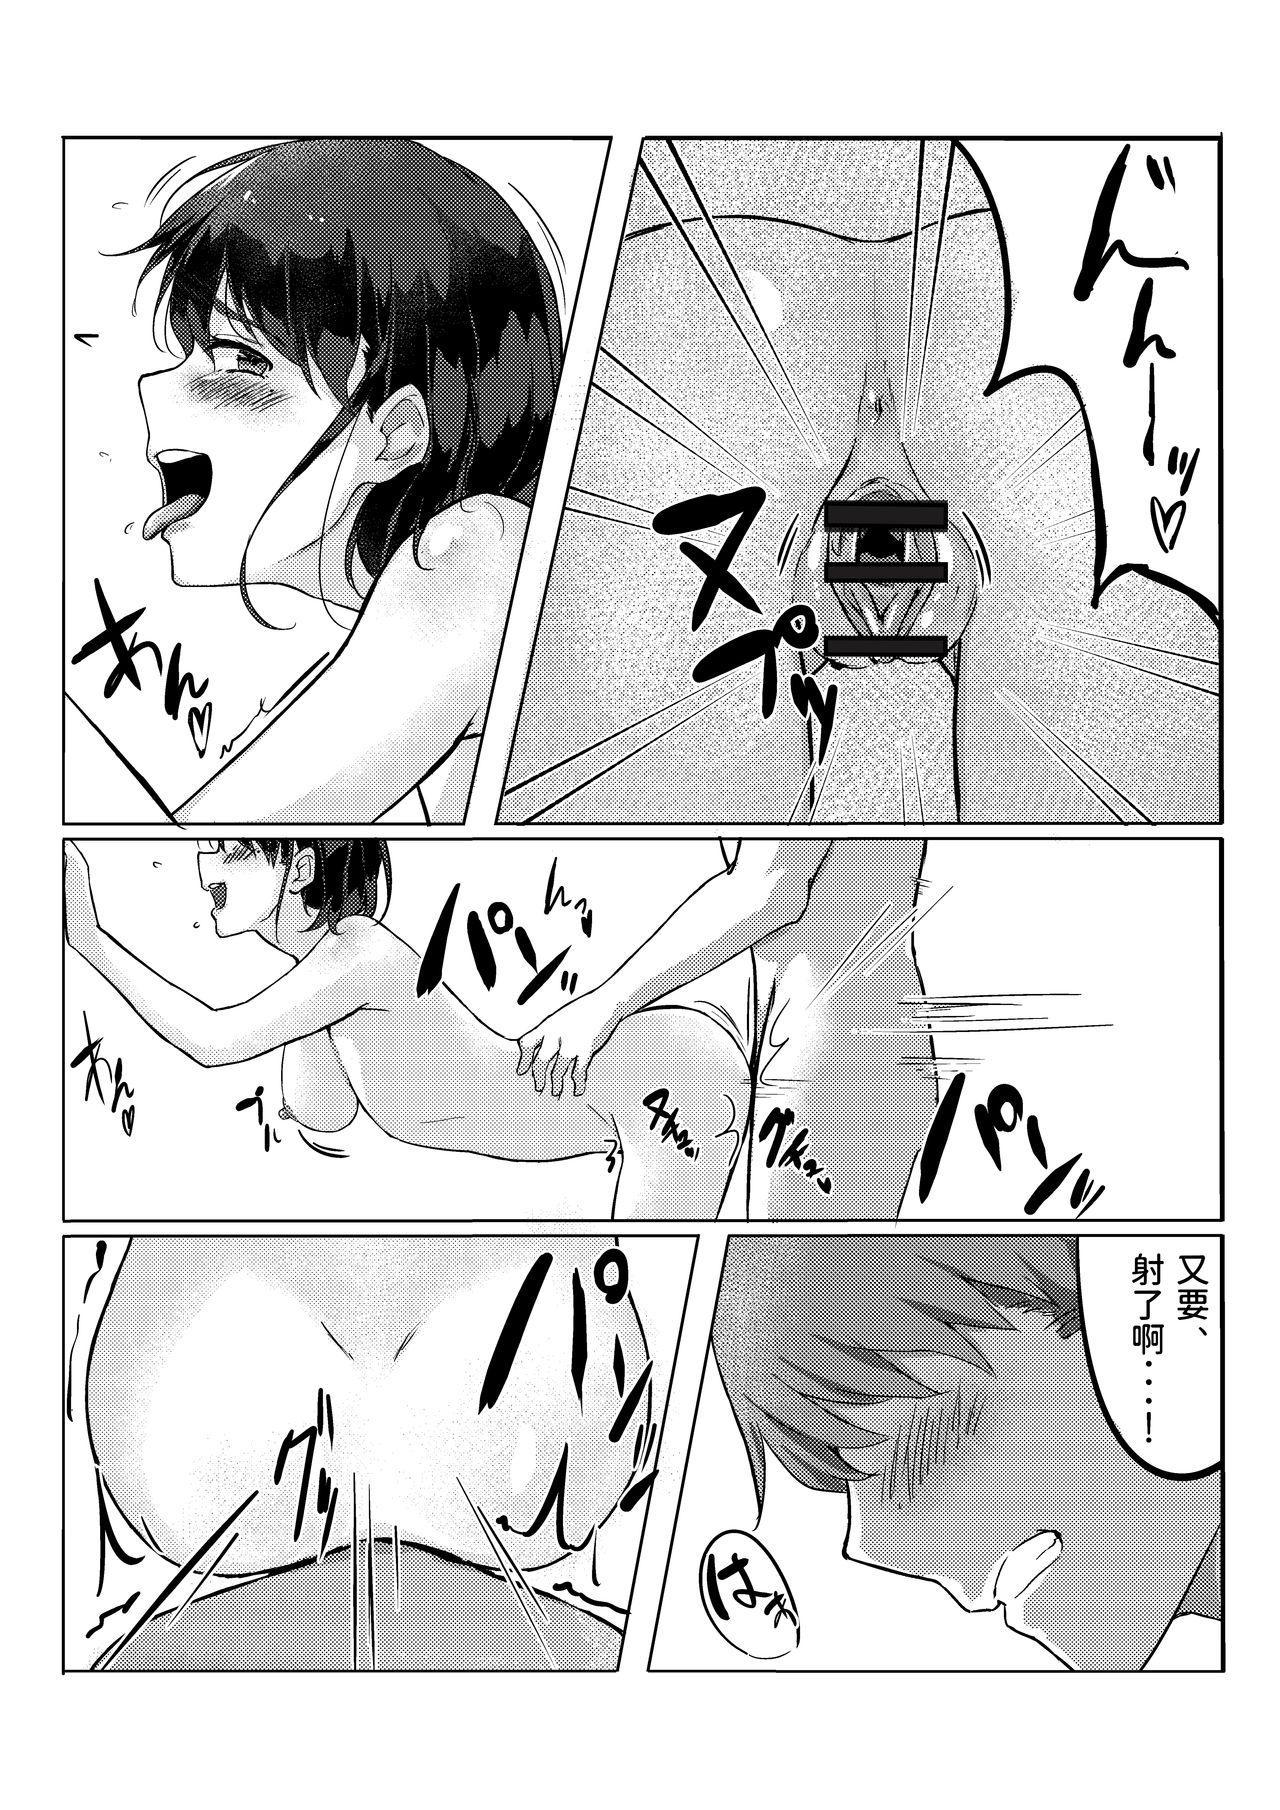 Houkago no Shimerike 18